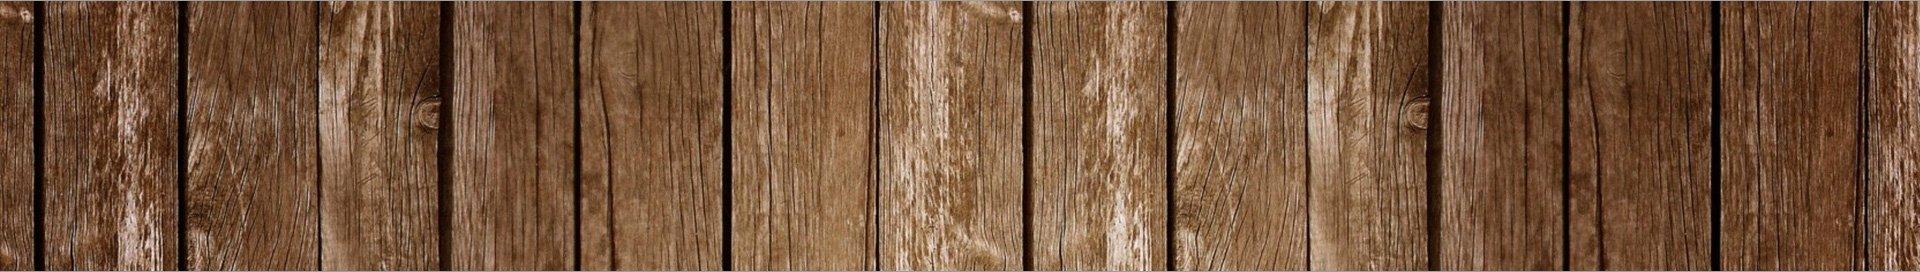 Устранение дефектов древесины